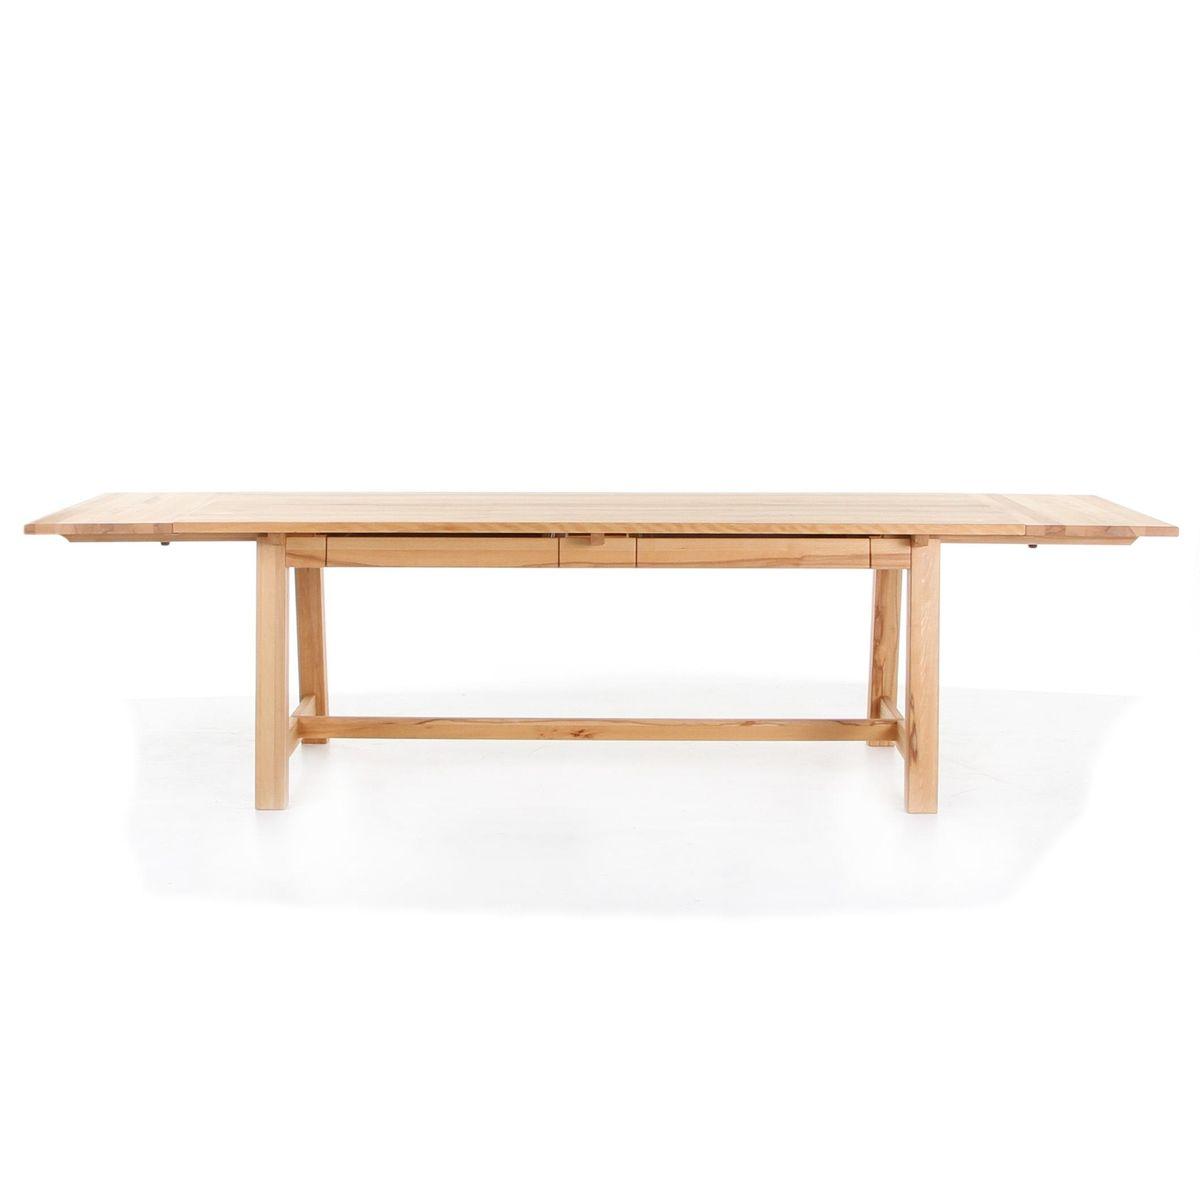 Le chef table de salle manger extensible adwood for Table salle a manger extensible en bois massif